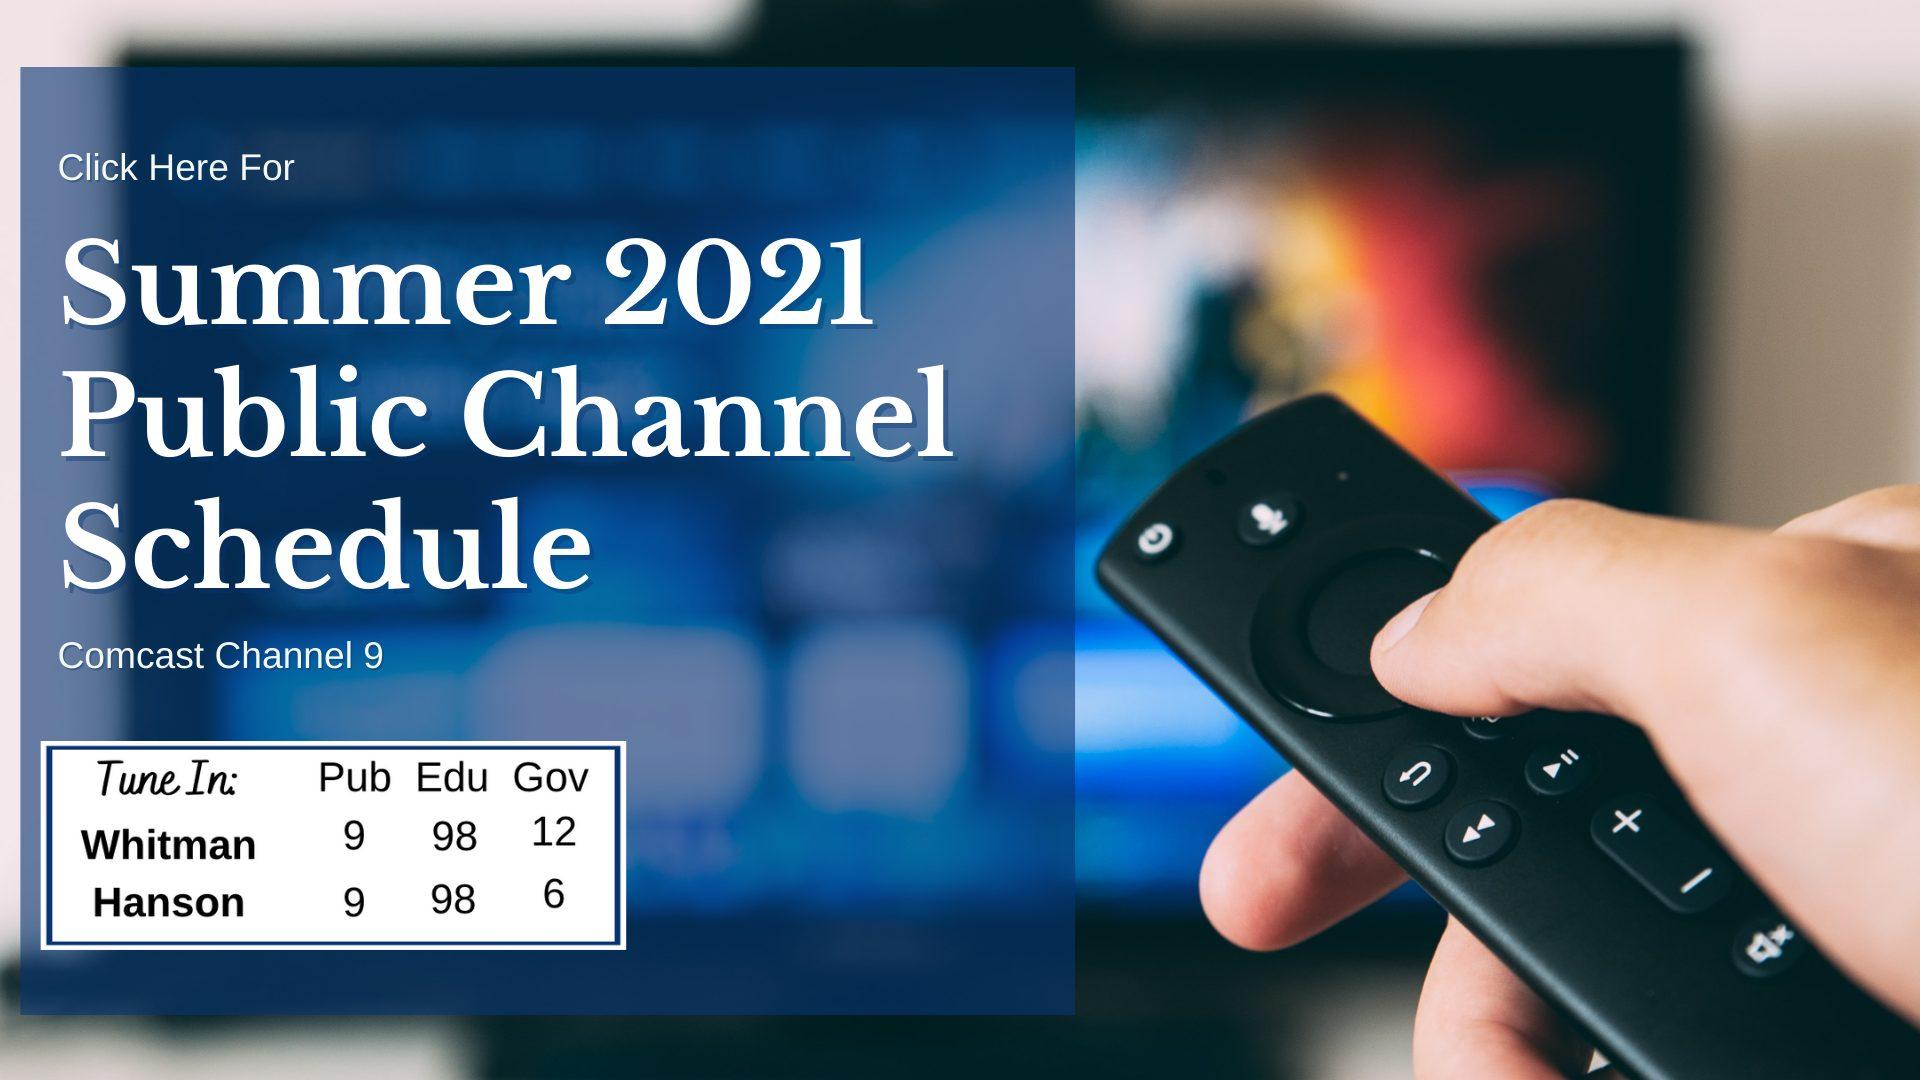 Summer 2021 Channel 9 Schedule